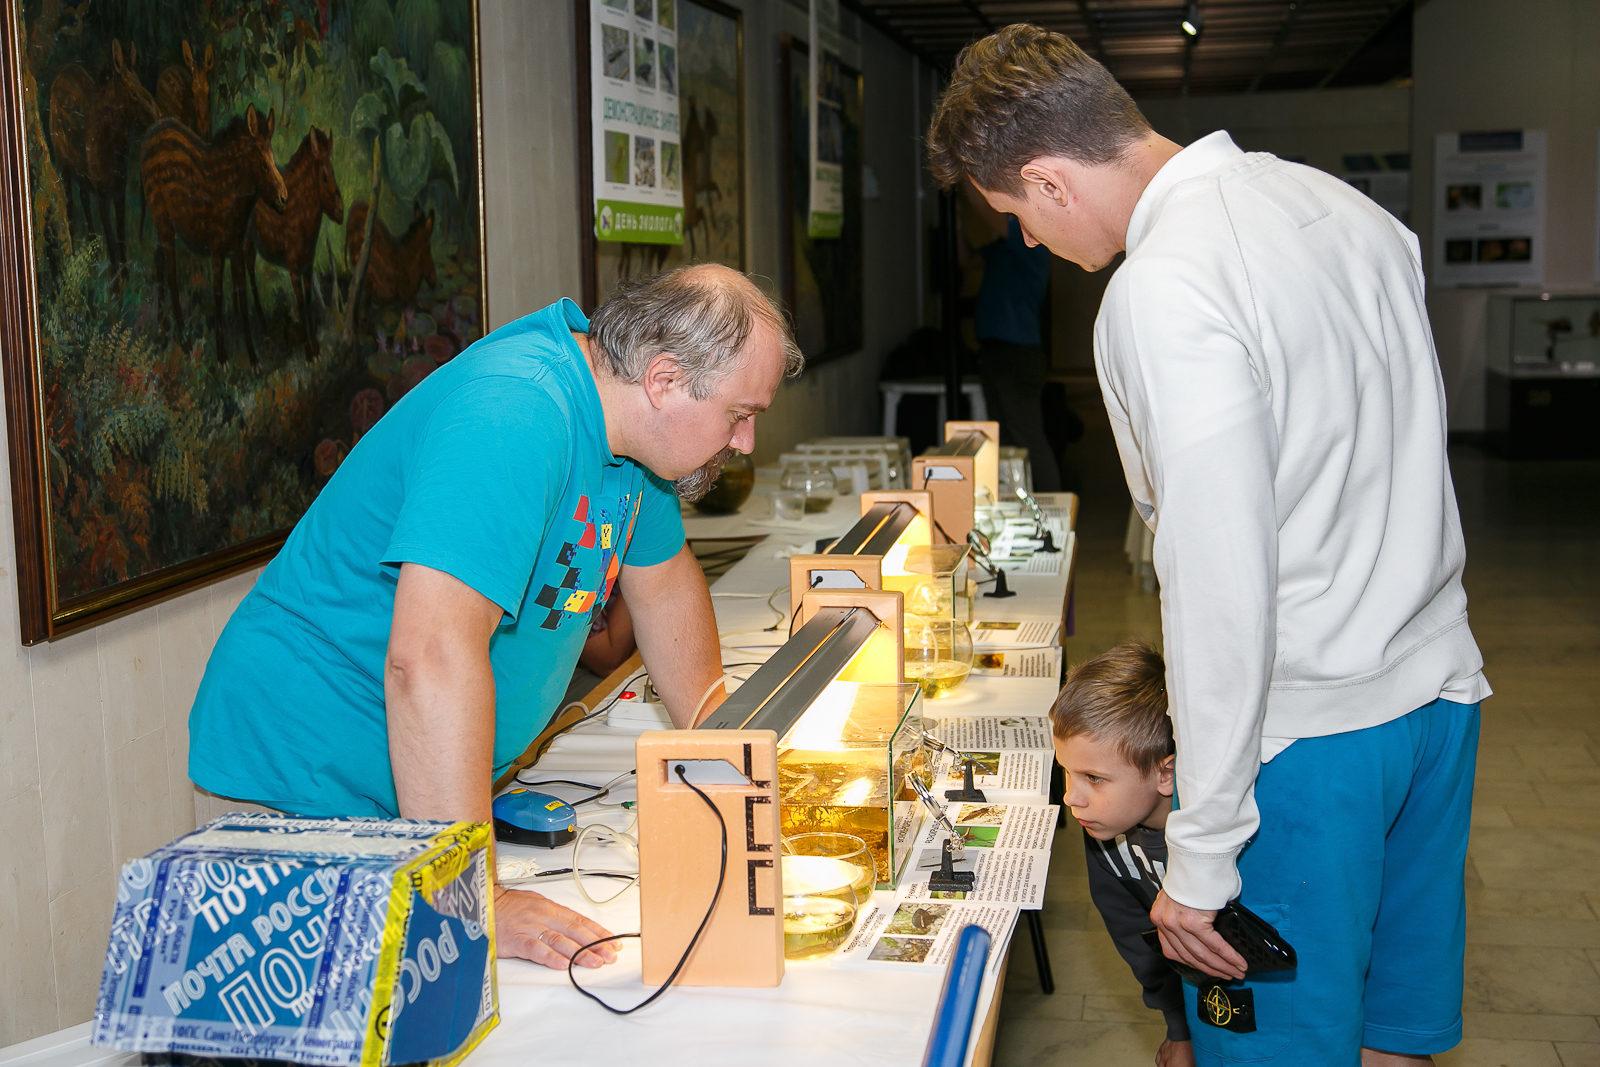 Праздник «День эколога» в Дарвиновском музее – события на сайте «Московские Сезоны»